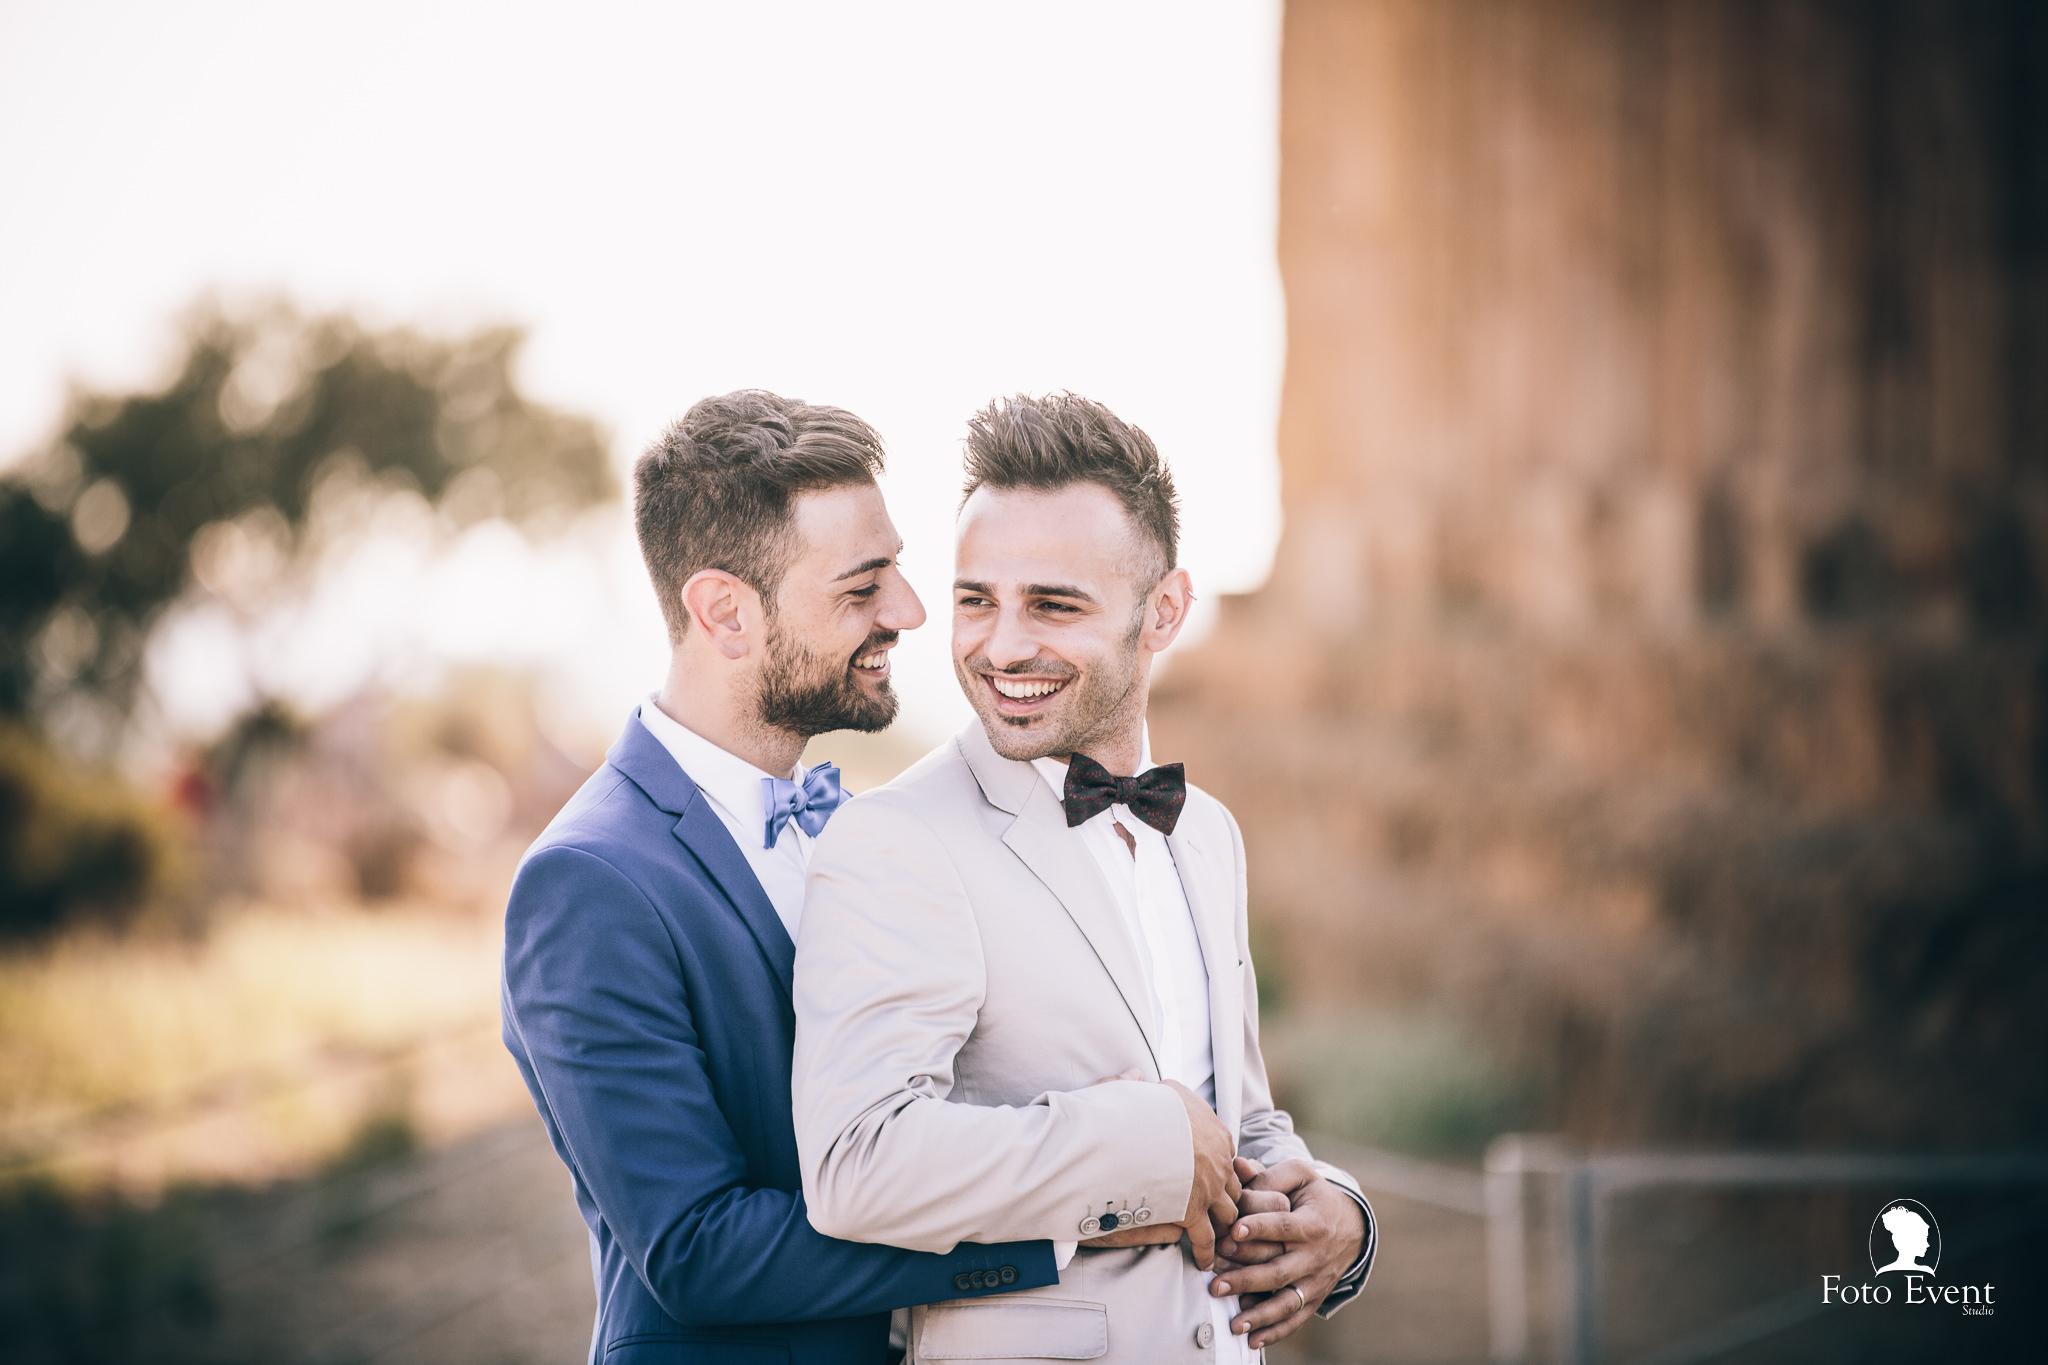 2018-07-26 Engagement Santo Caruso e Lillo Gueli zoom 101